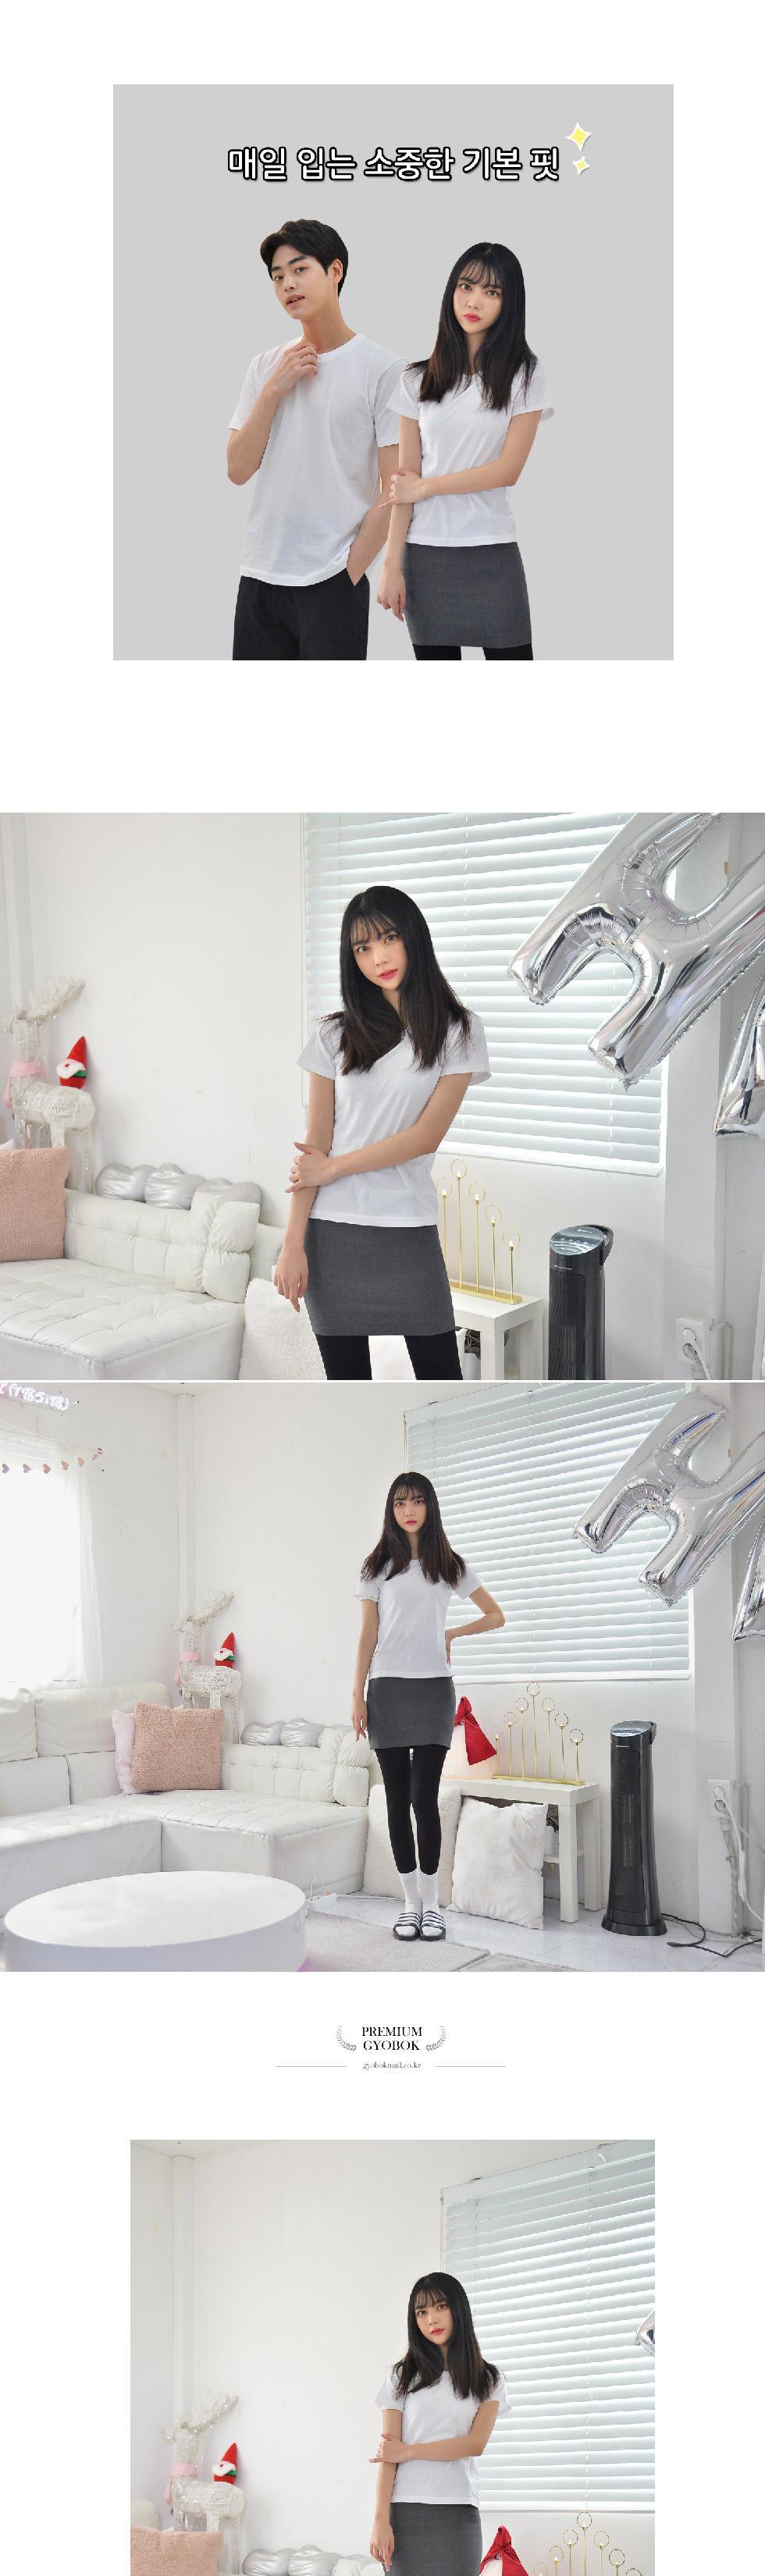 흰티 교복흰티 교복티 학생티셔츠 라운드넥티셔츠 여 라운드넥티셔츠 여성반팔티셔츠 흰색반팔티셔츠 반팔티셔츠 티셔츠